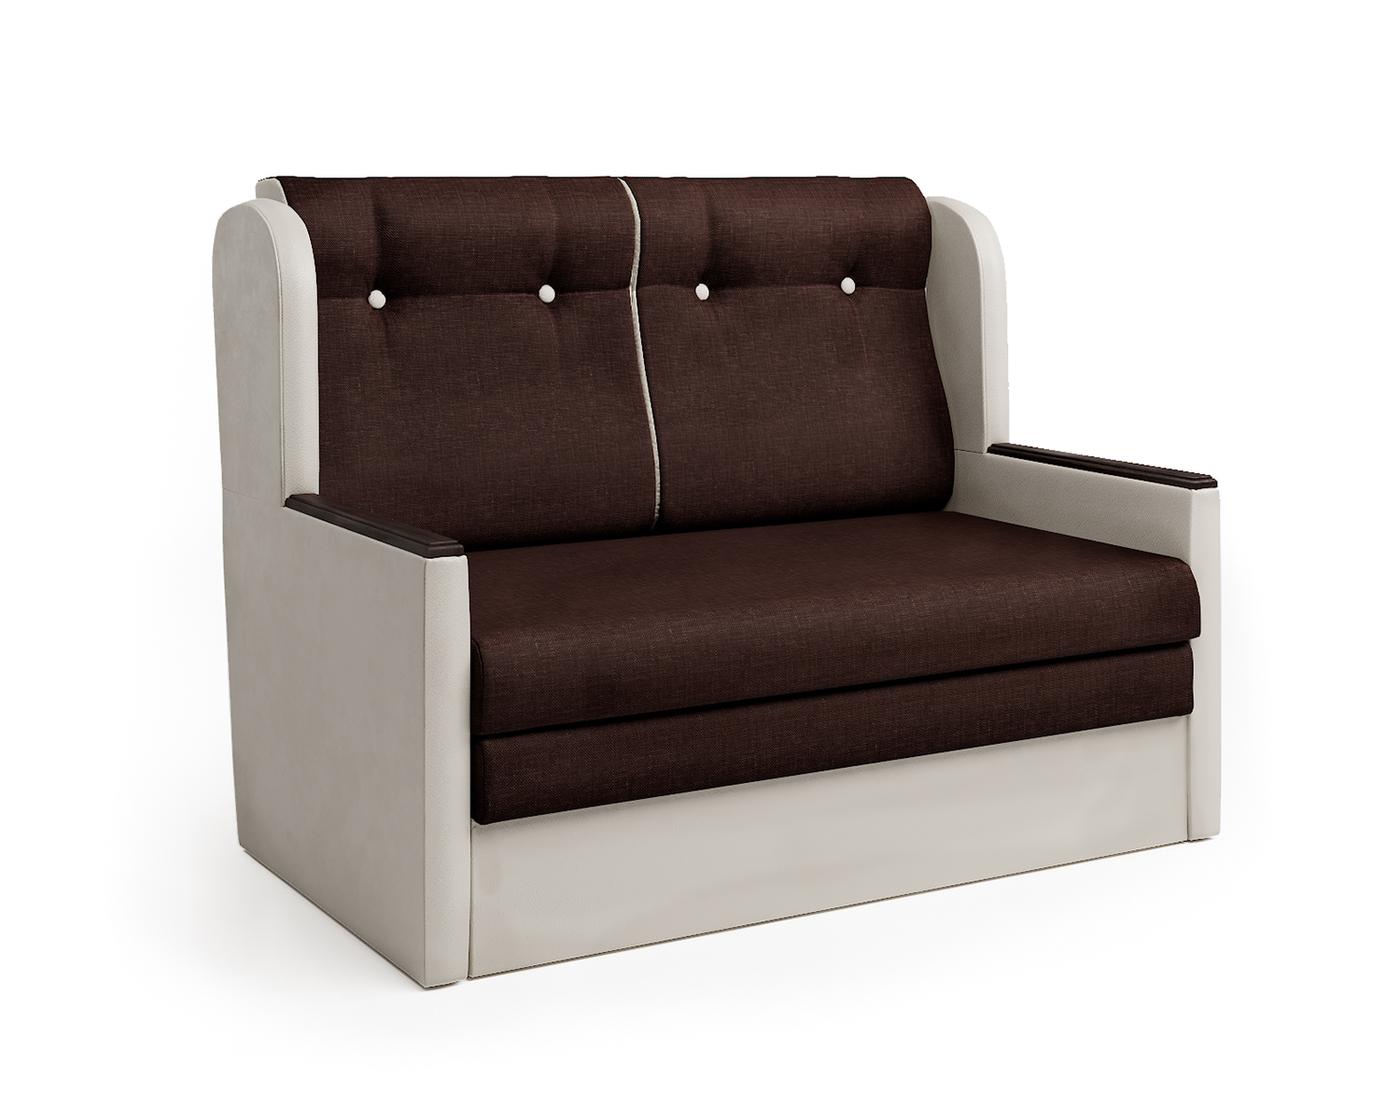 Диван-кровать Классика Д, механизм Французская раскладушка, 136х83х101 см